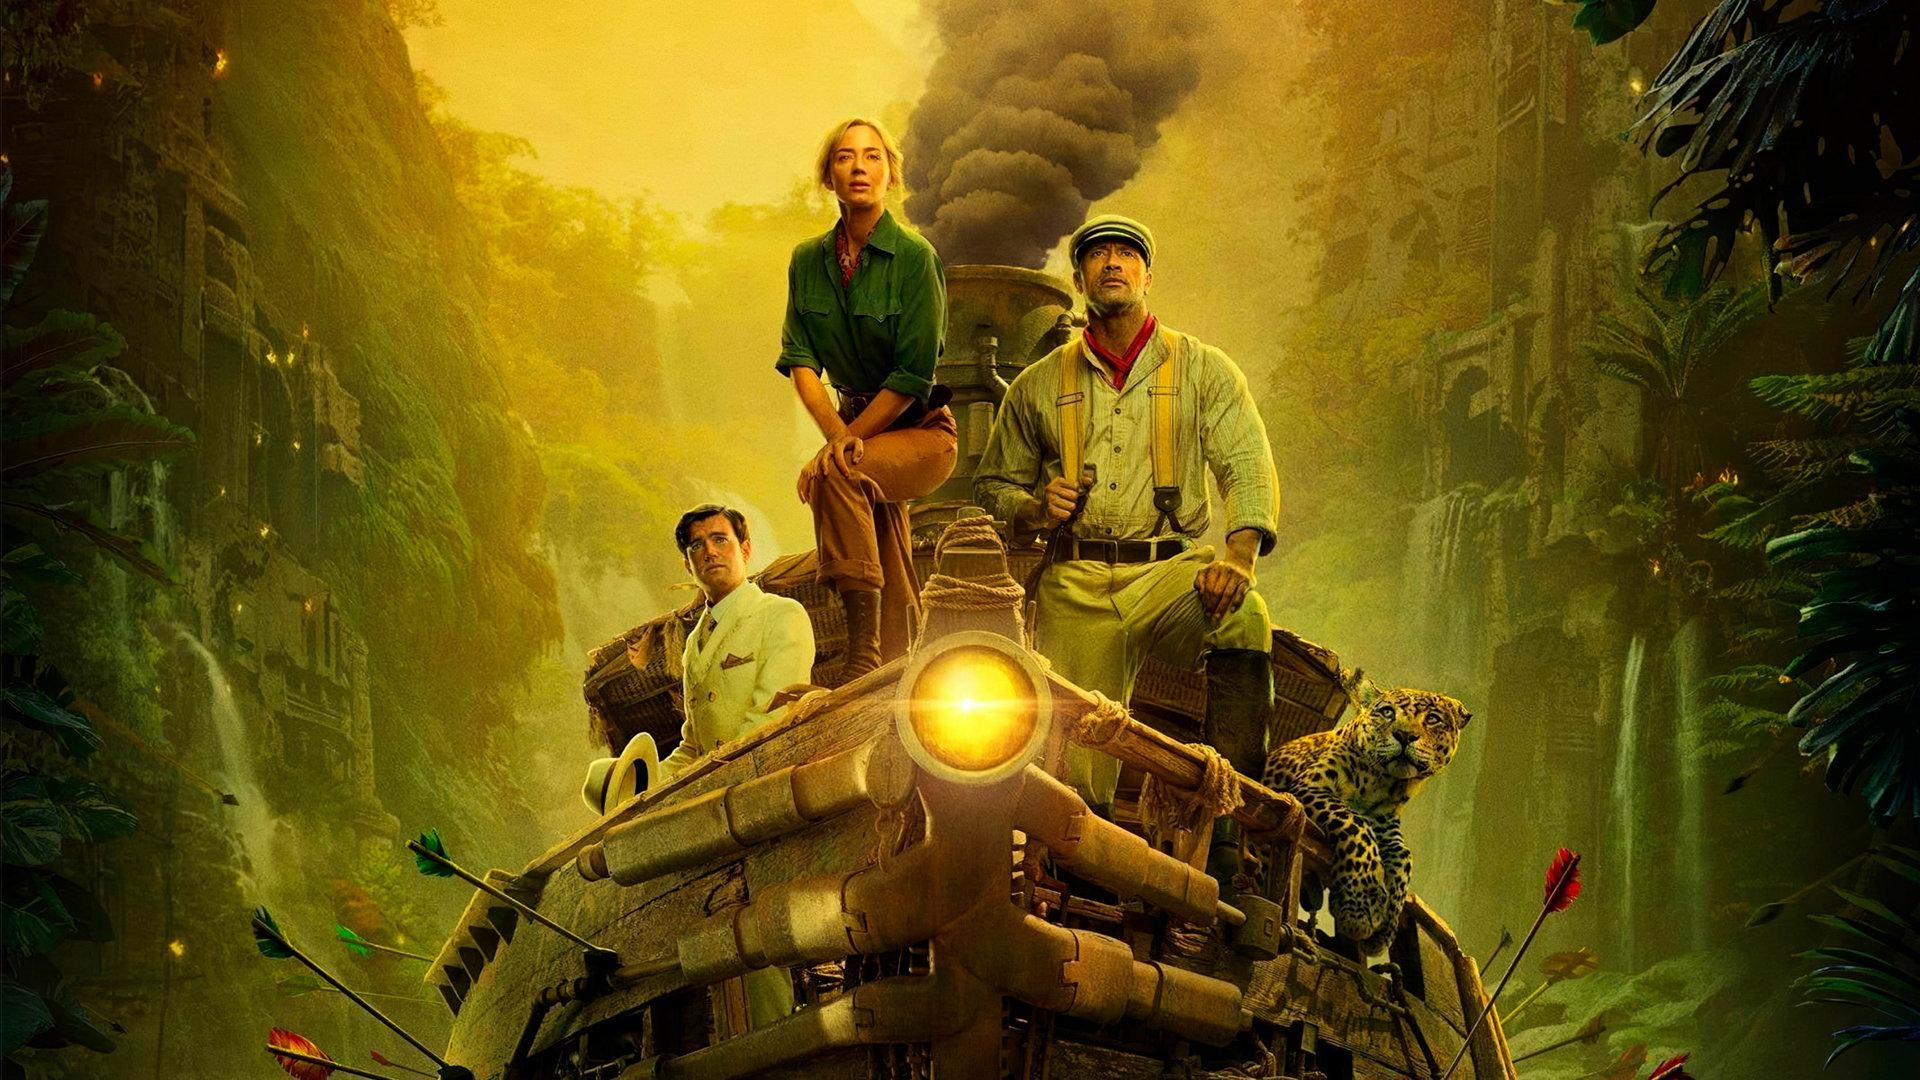 Смотри фильм Круиз по джунглям в кинотеатре